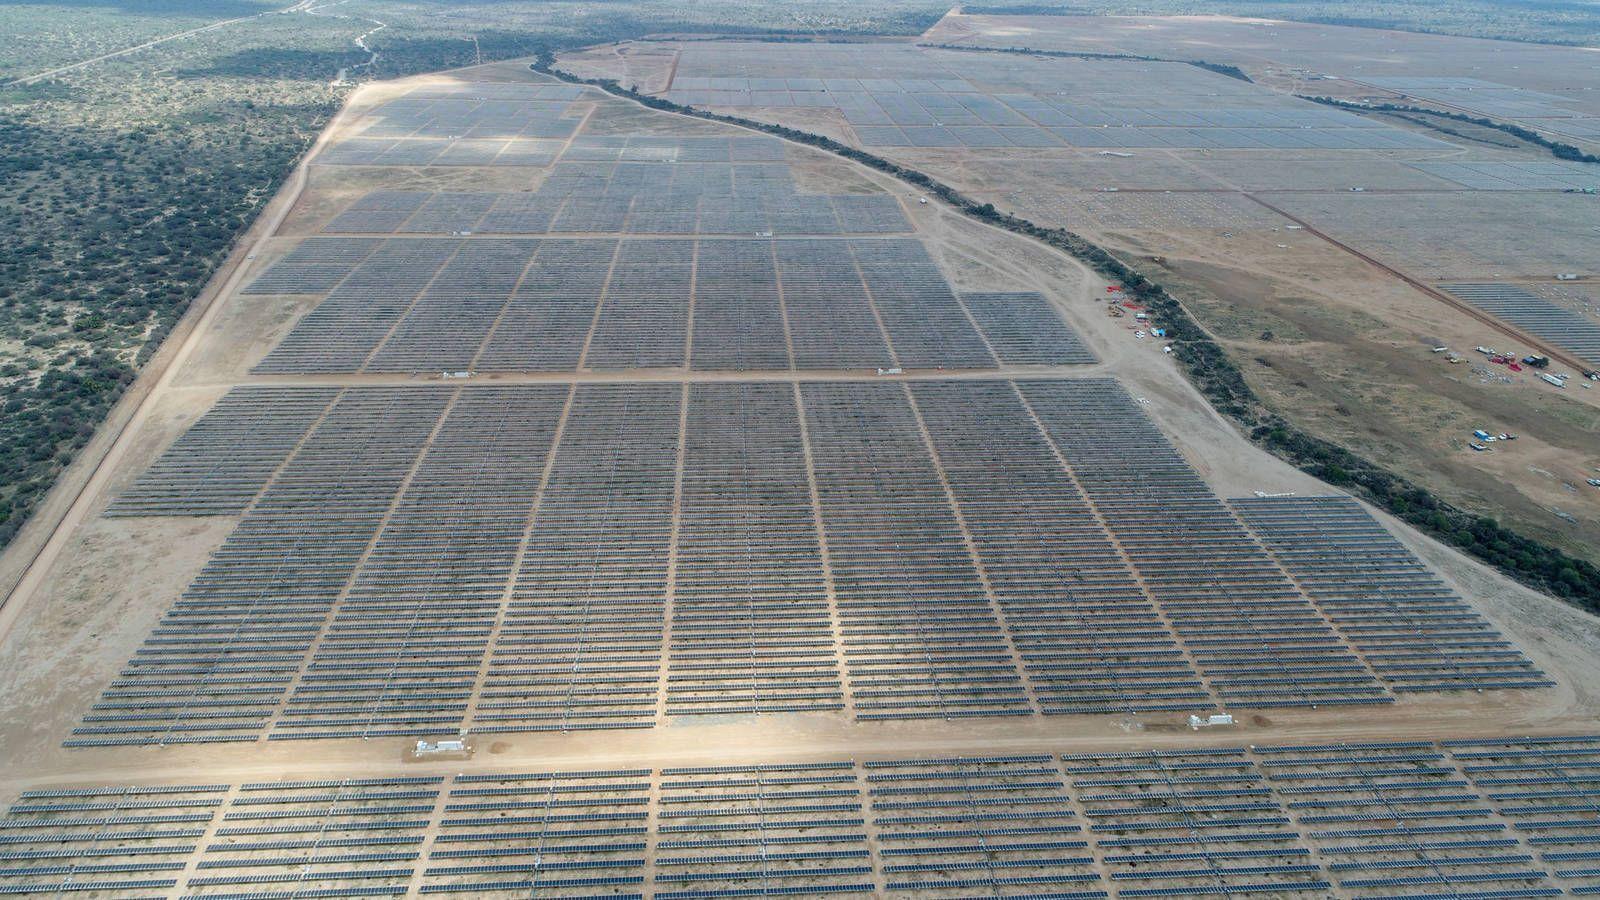 Iberdrola invertirá 300 millones de euros para construir en Cáceres la planta solar fotovoltaica más grande de Europa